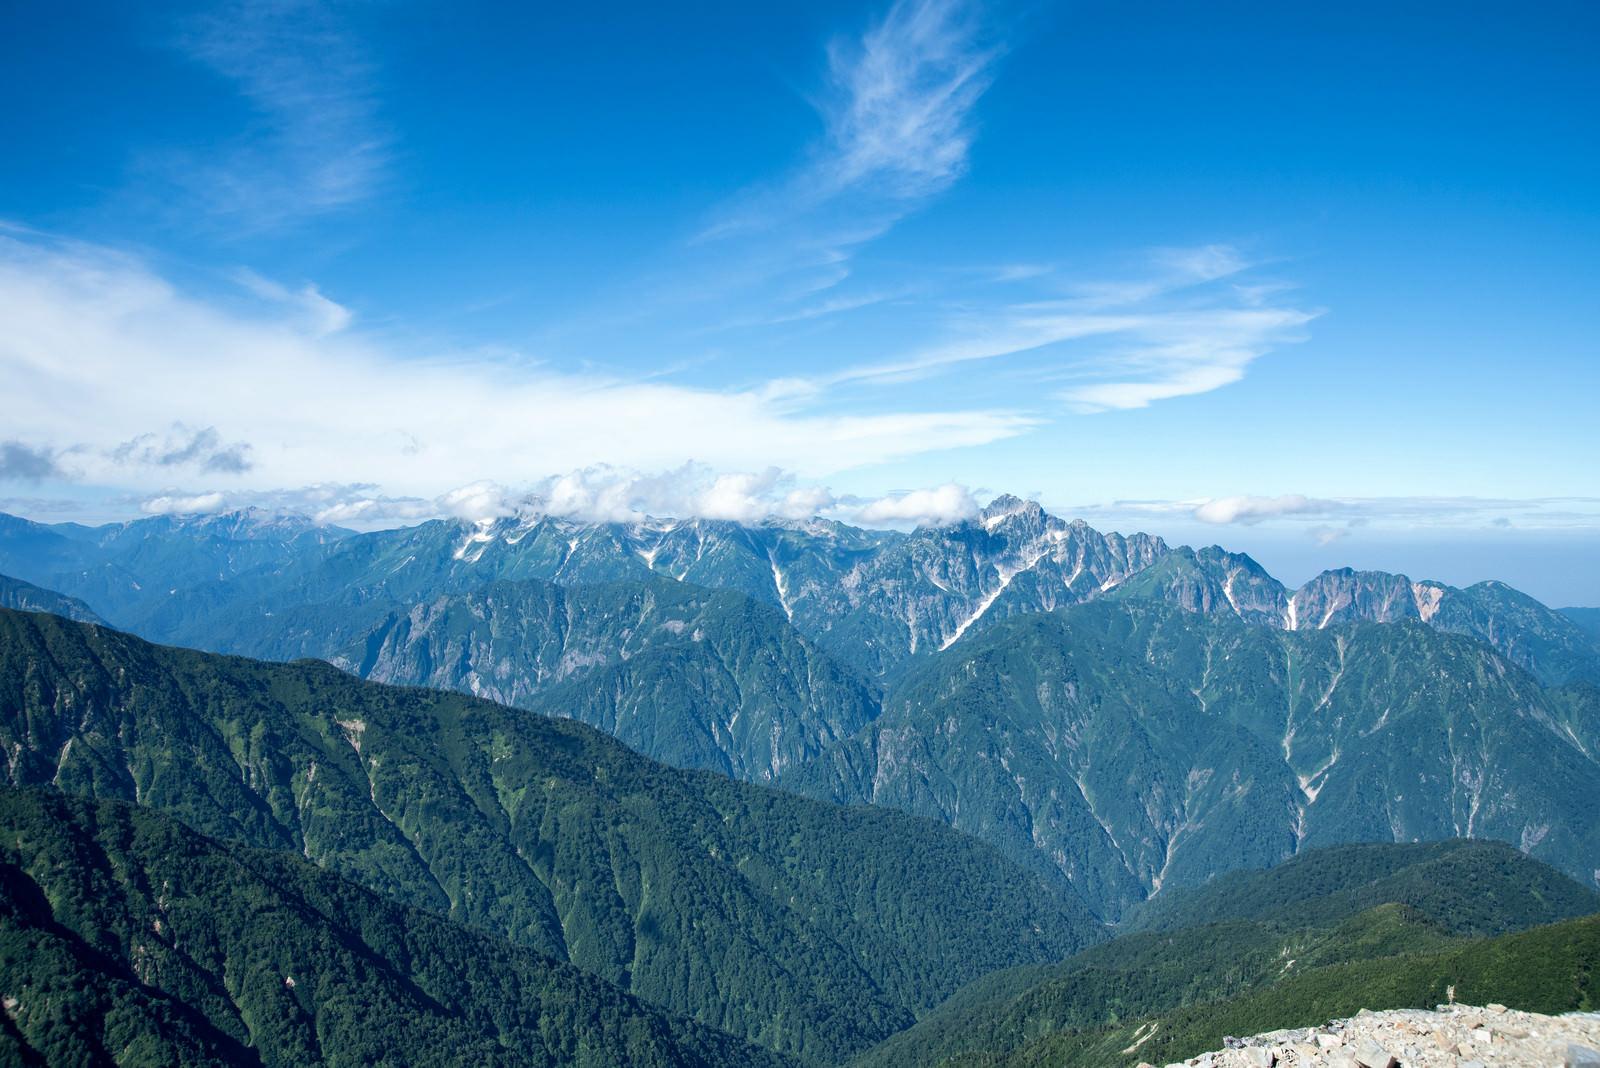 「緑溢れる山々にかかる雲」の写真